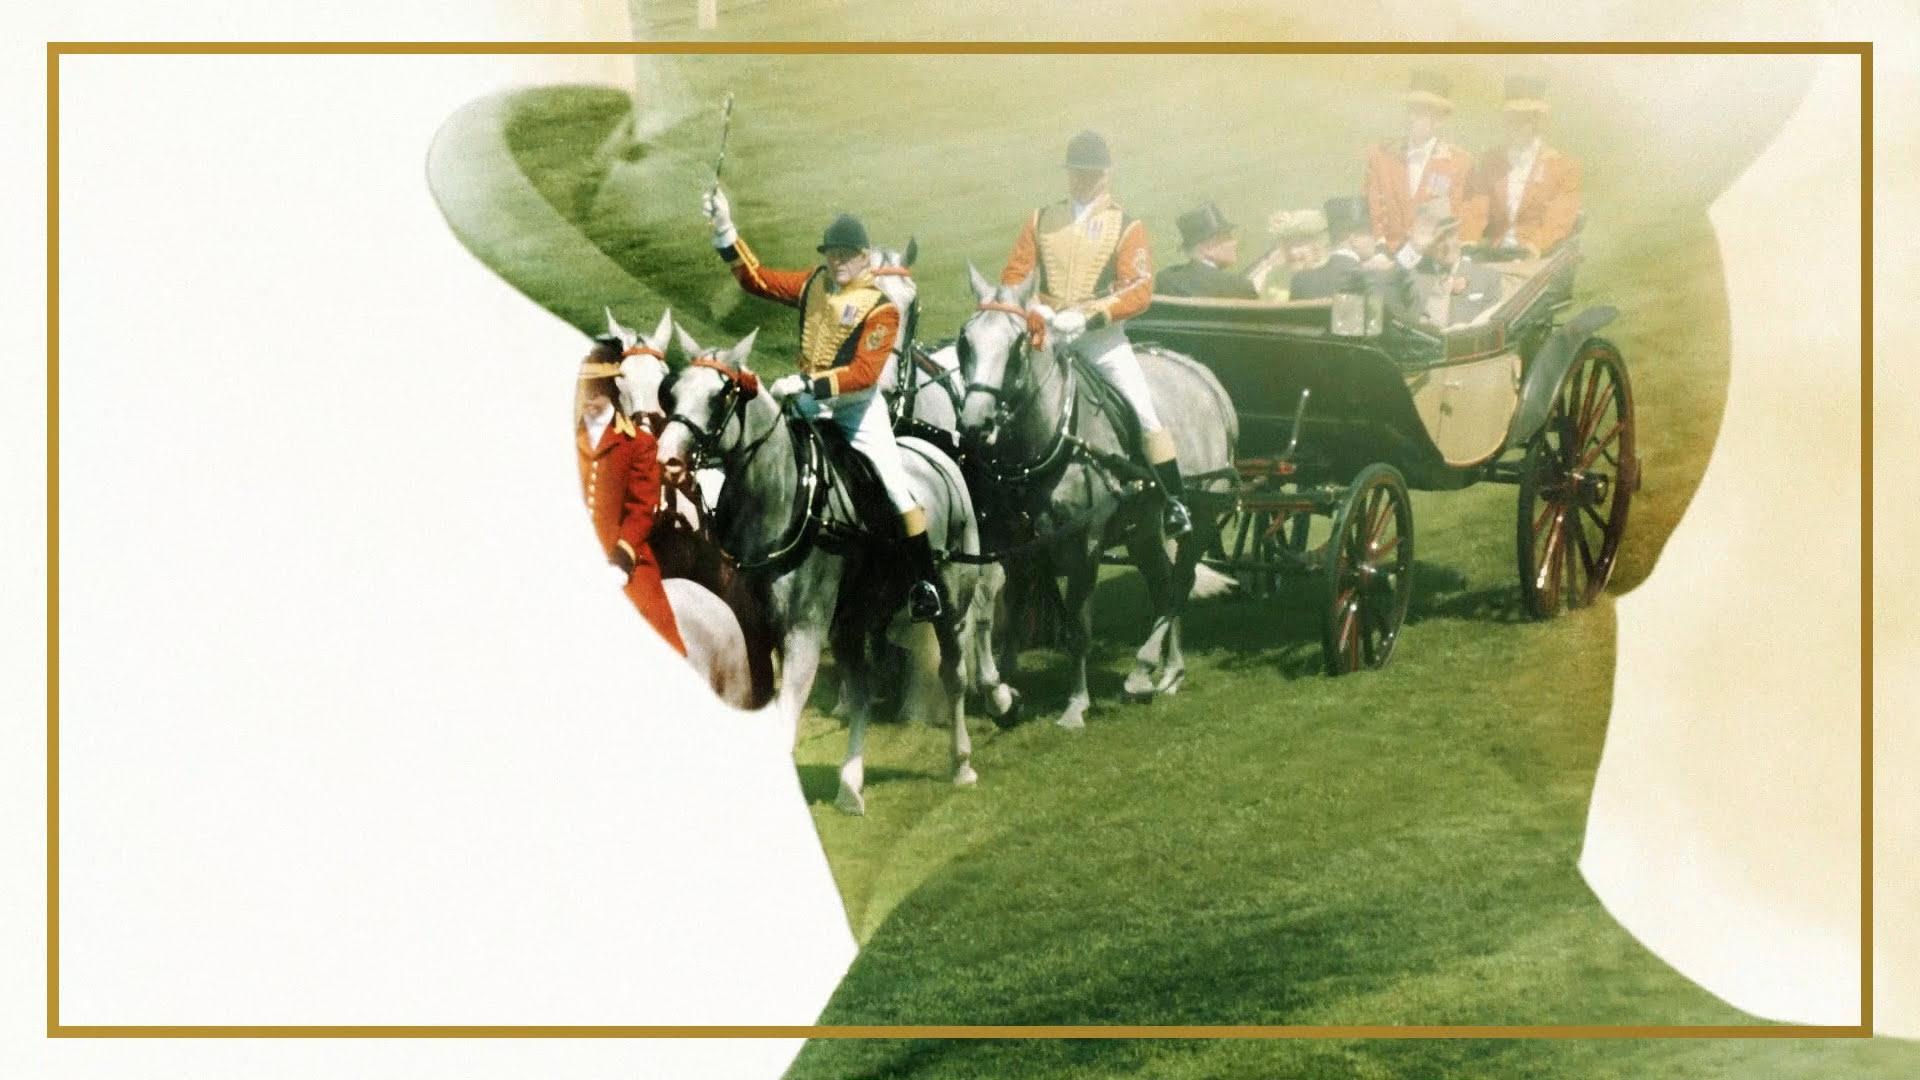 Royal-ascot-05-1